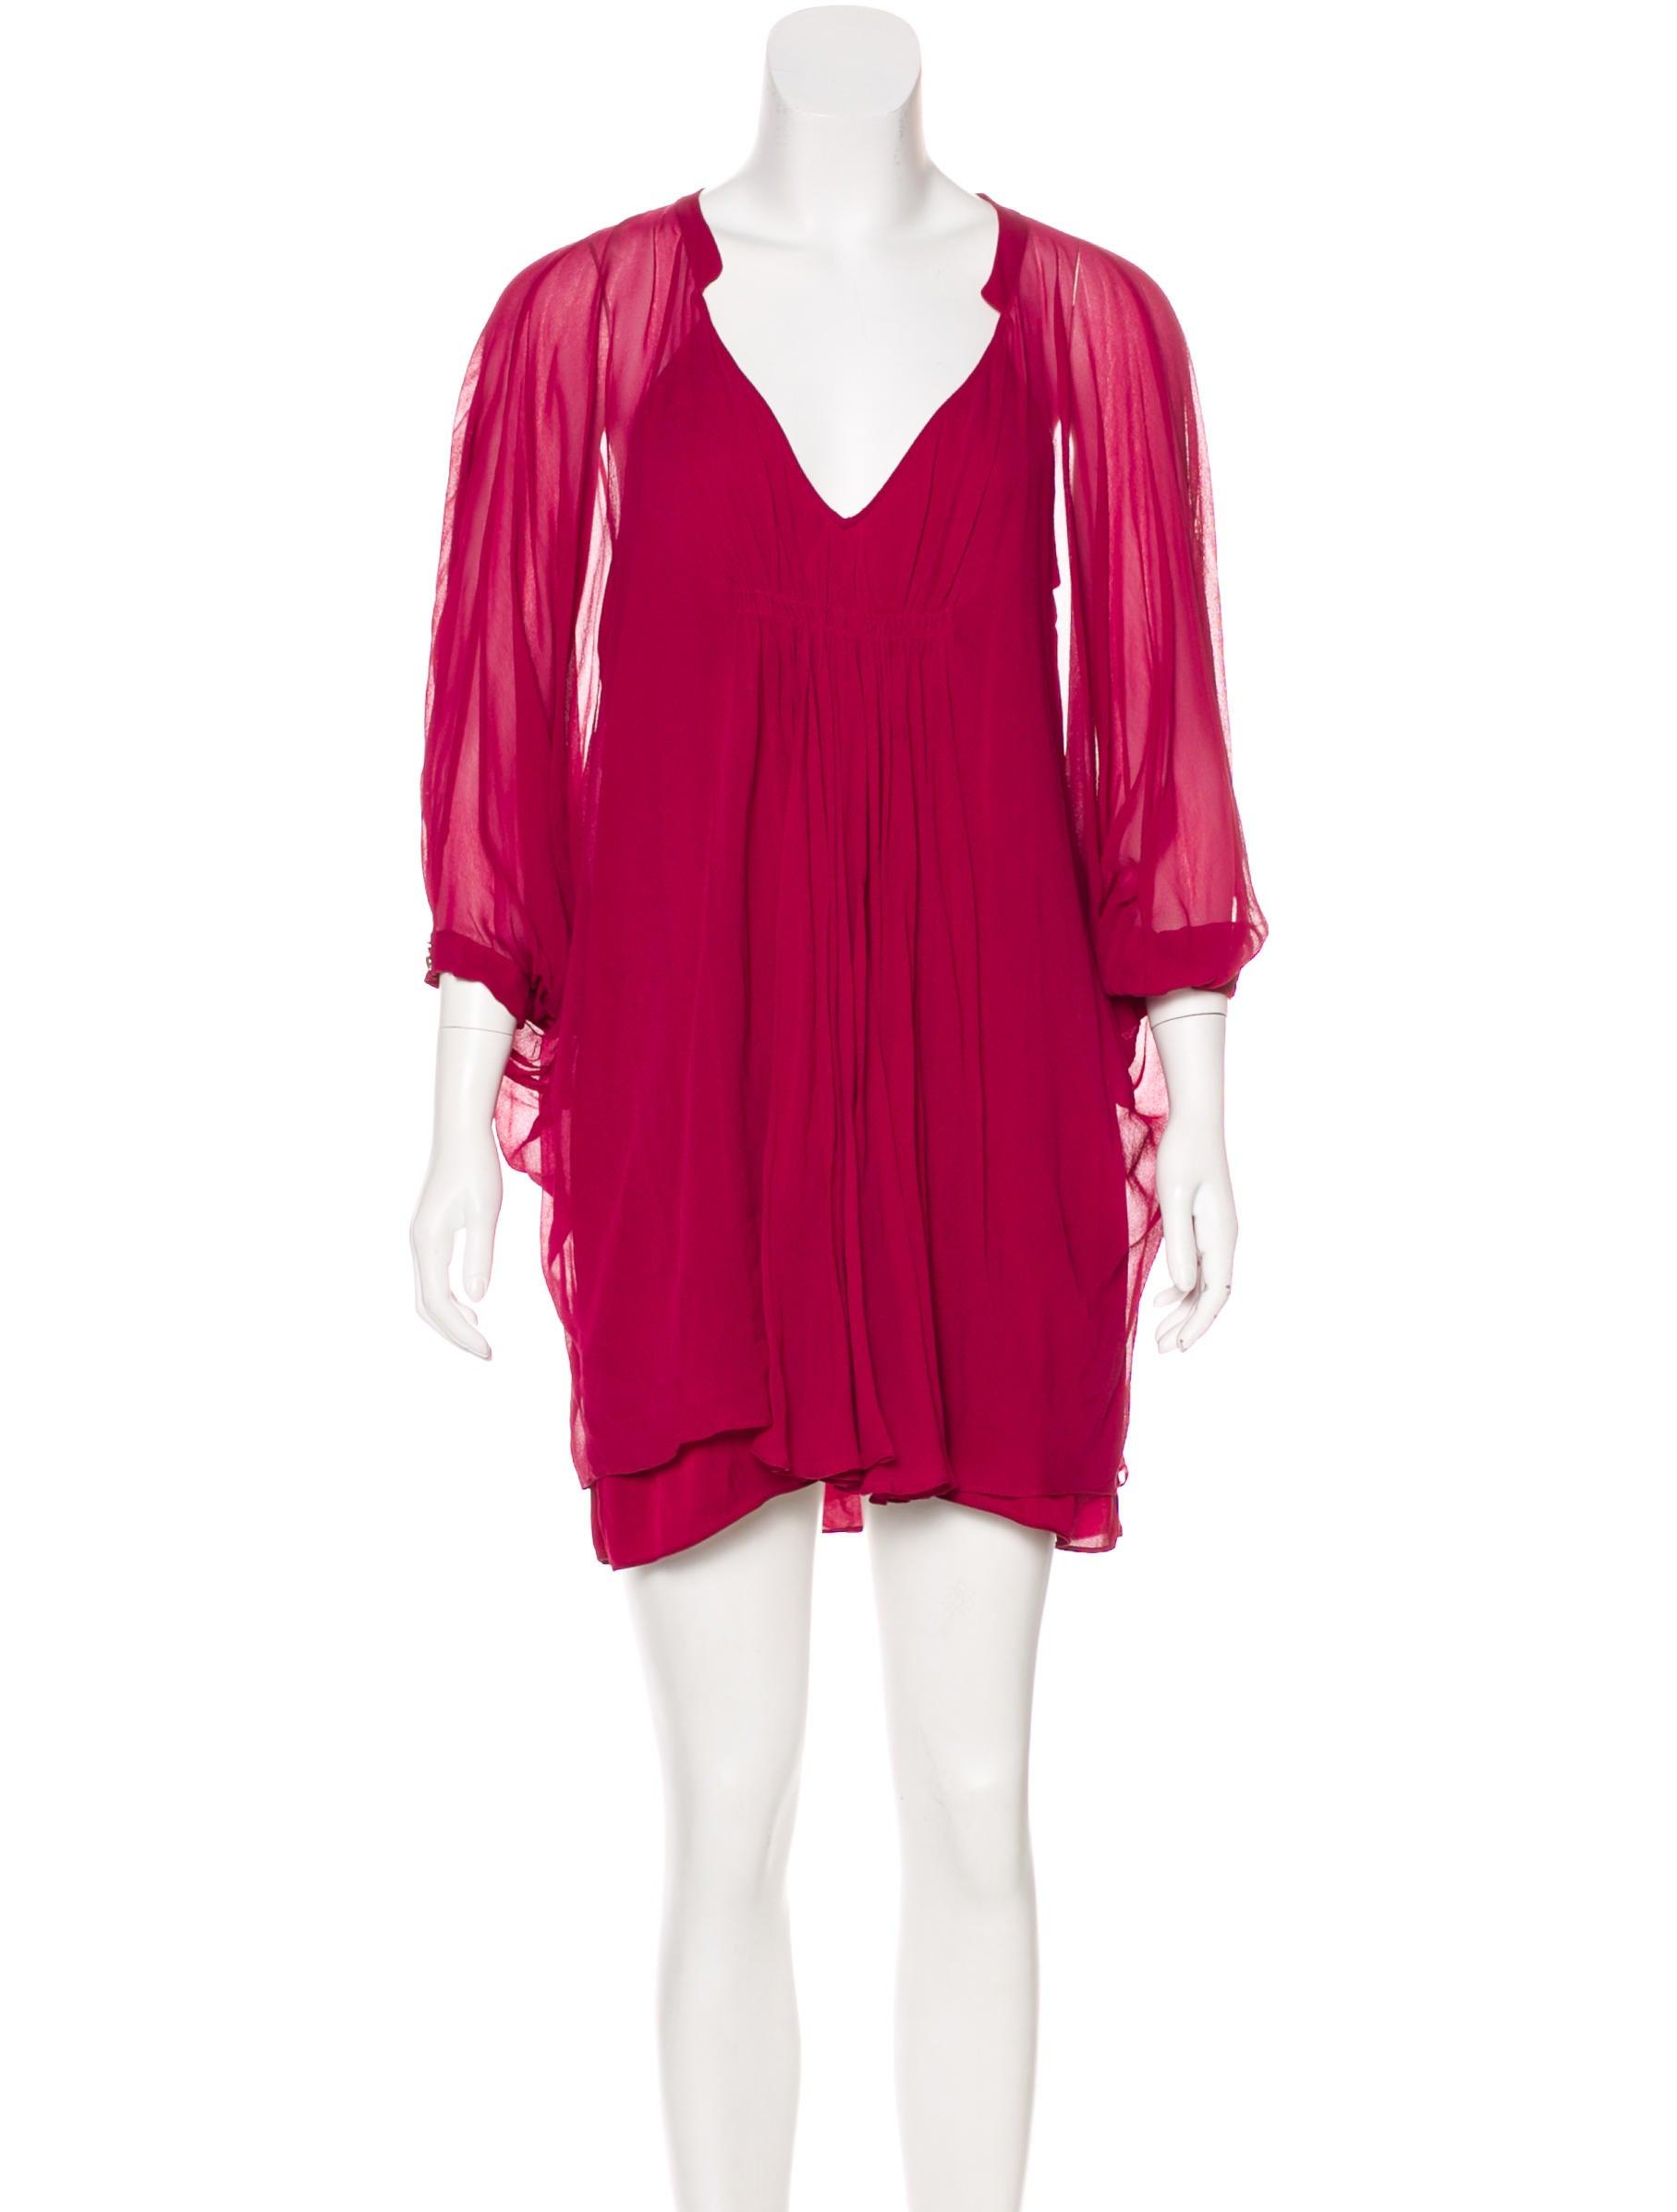 Diane von furstenberg silk mini dress clothing for Diane von furstenberg clothing